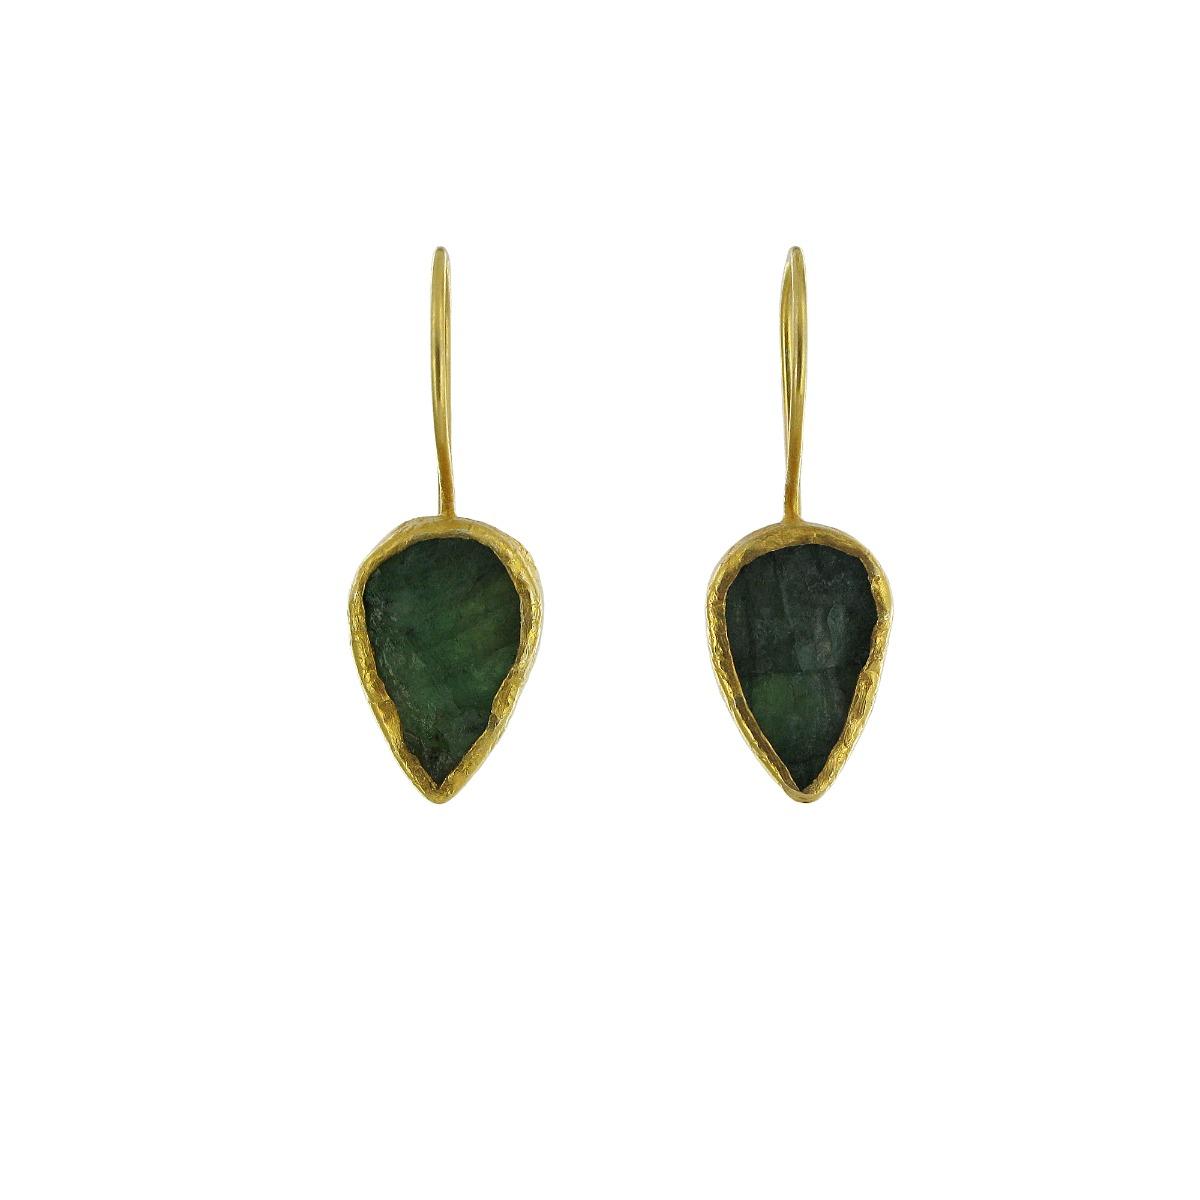 Brazilian emerald tear drop earrings